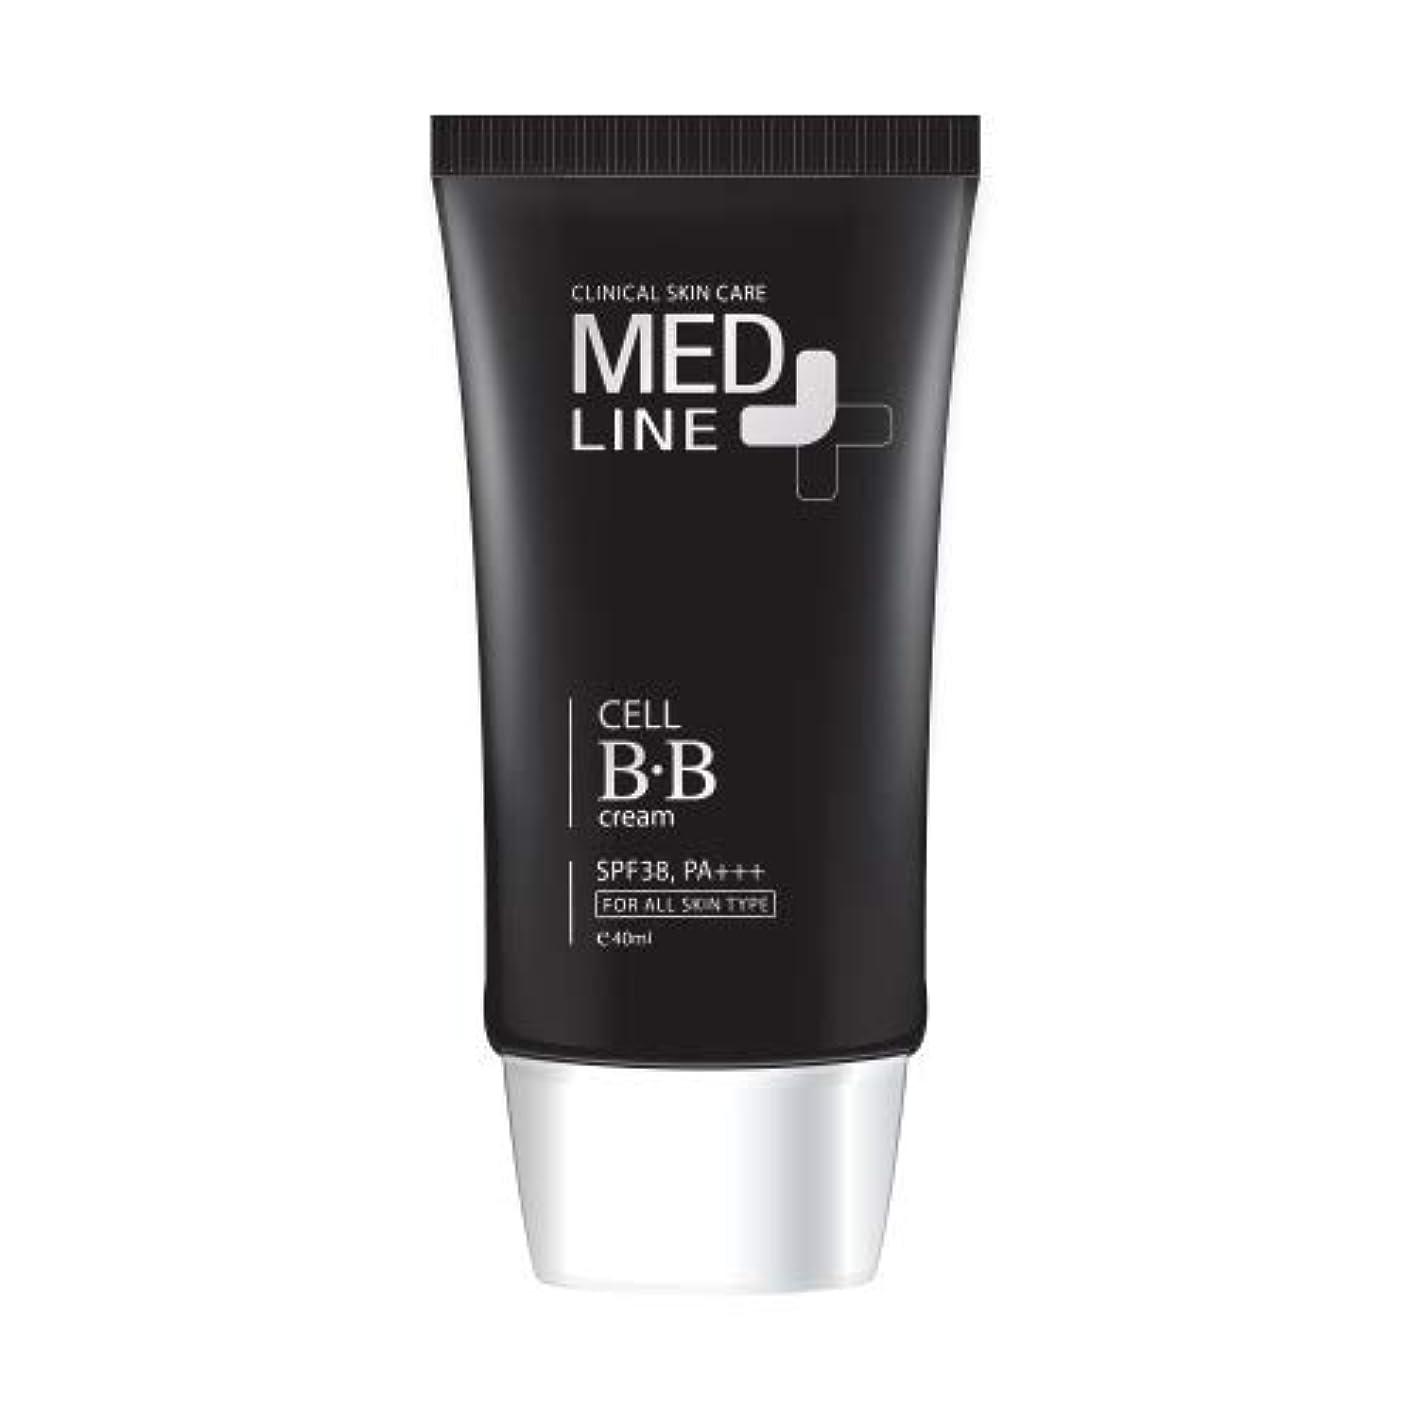 教育する破壊クロニクルメドライン(Med Line) セルBBクリーム(Cell B.B Cream)